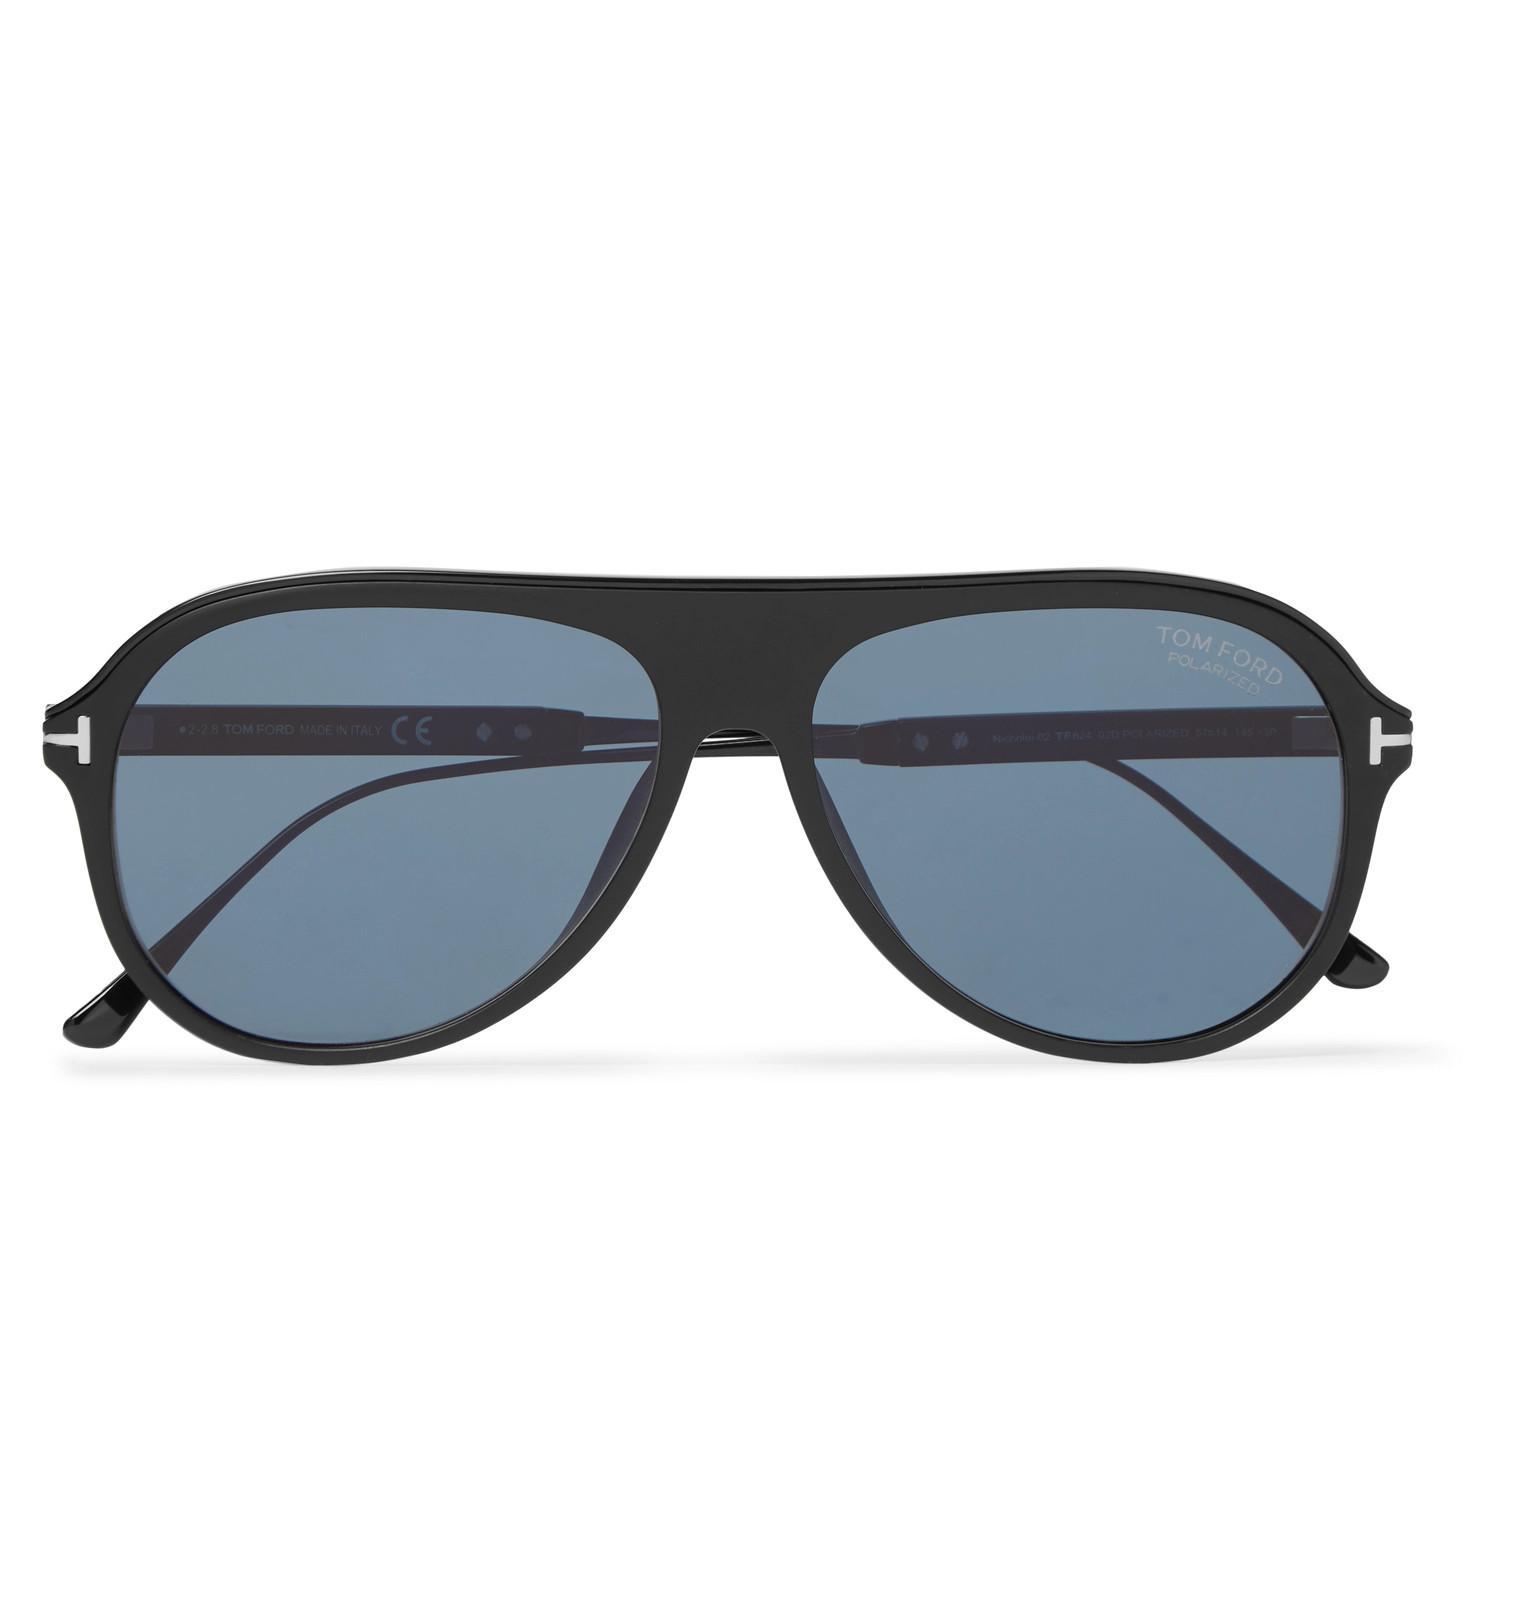 2aec625fe33 Tom Ford. Men s Black Nicholai Aviator-style Acetate Polarised Sunglasses